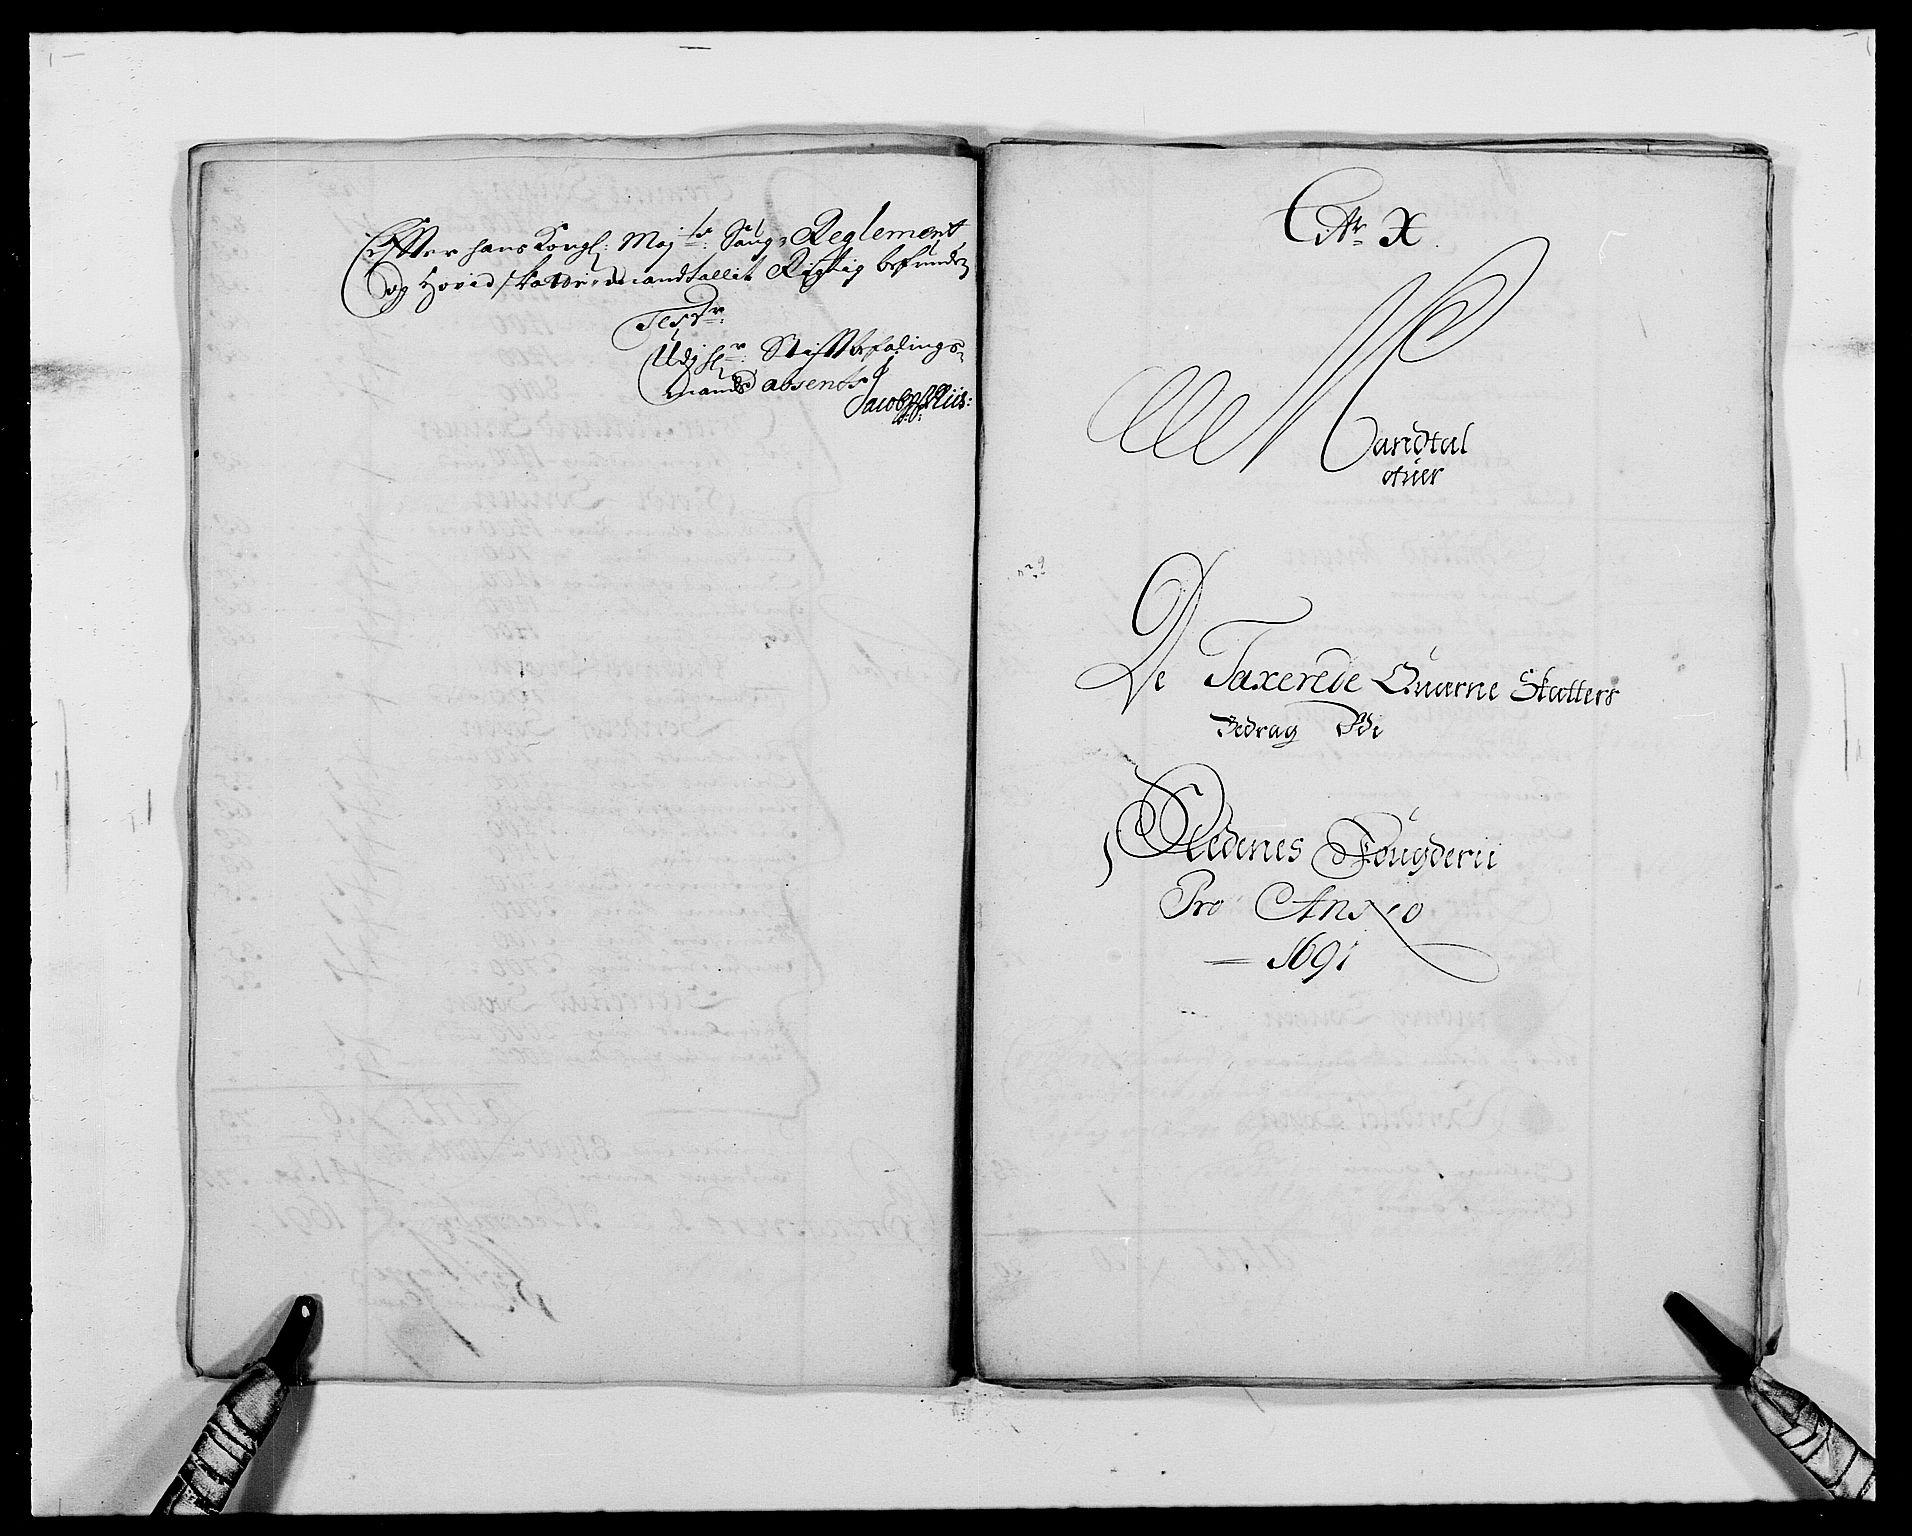 RA, Rentekammeret inntil 1814, Reviderte regnskaper, Fogderegnskap, R39/L2311: Fogderegnskap Nedenes, 1690-1692, s. 93